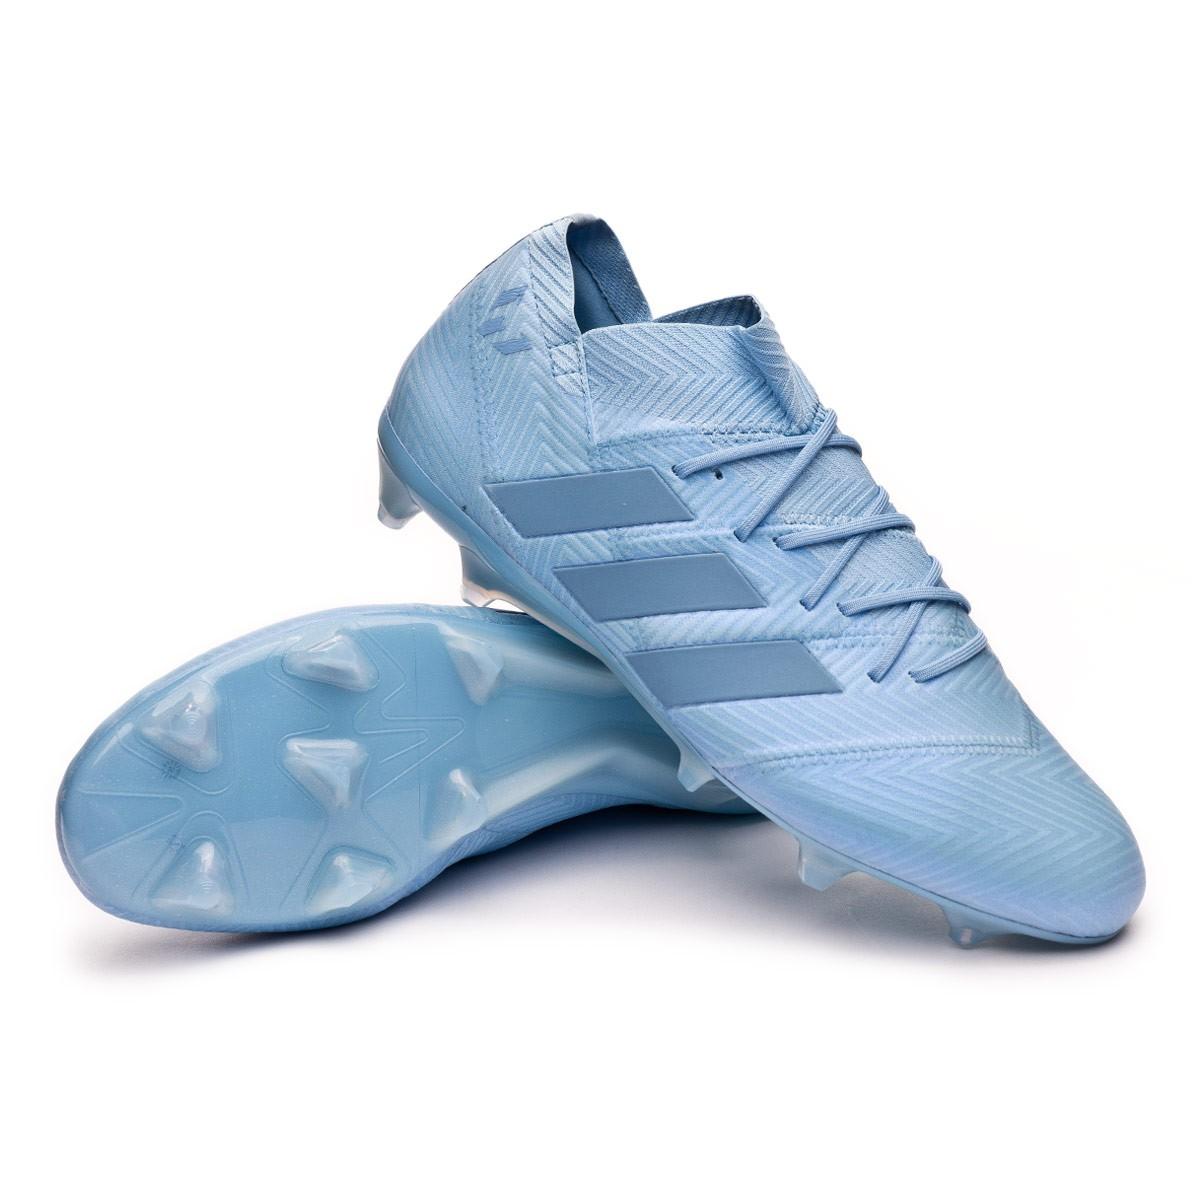 Scarpe adidas Nemeziz Messi 18.1 FG